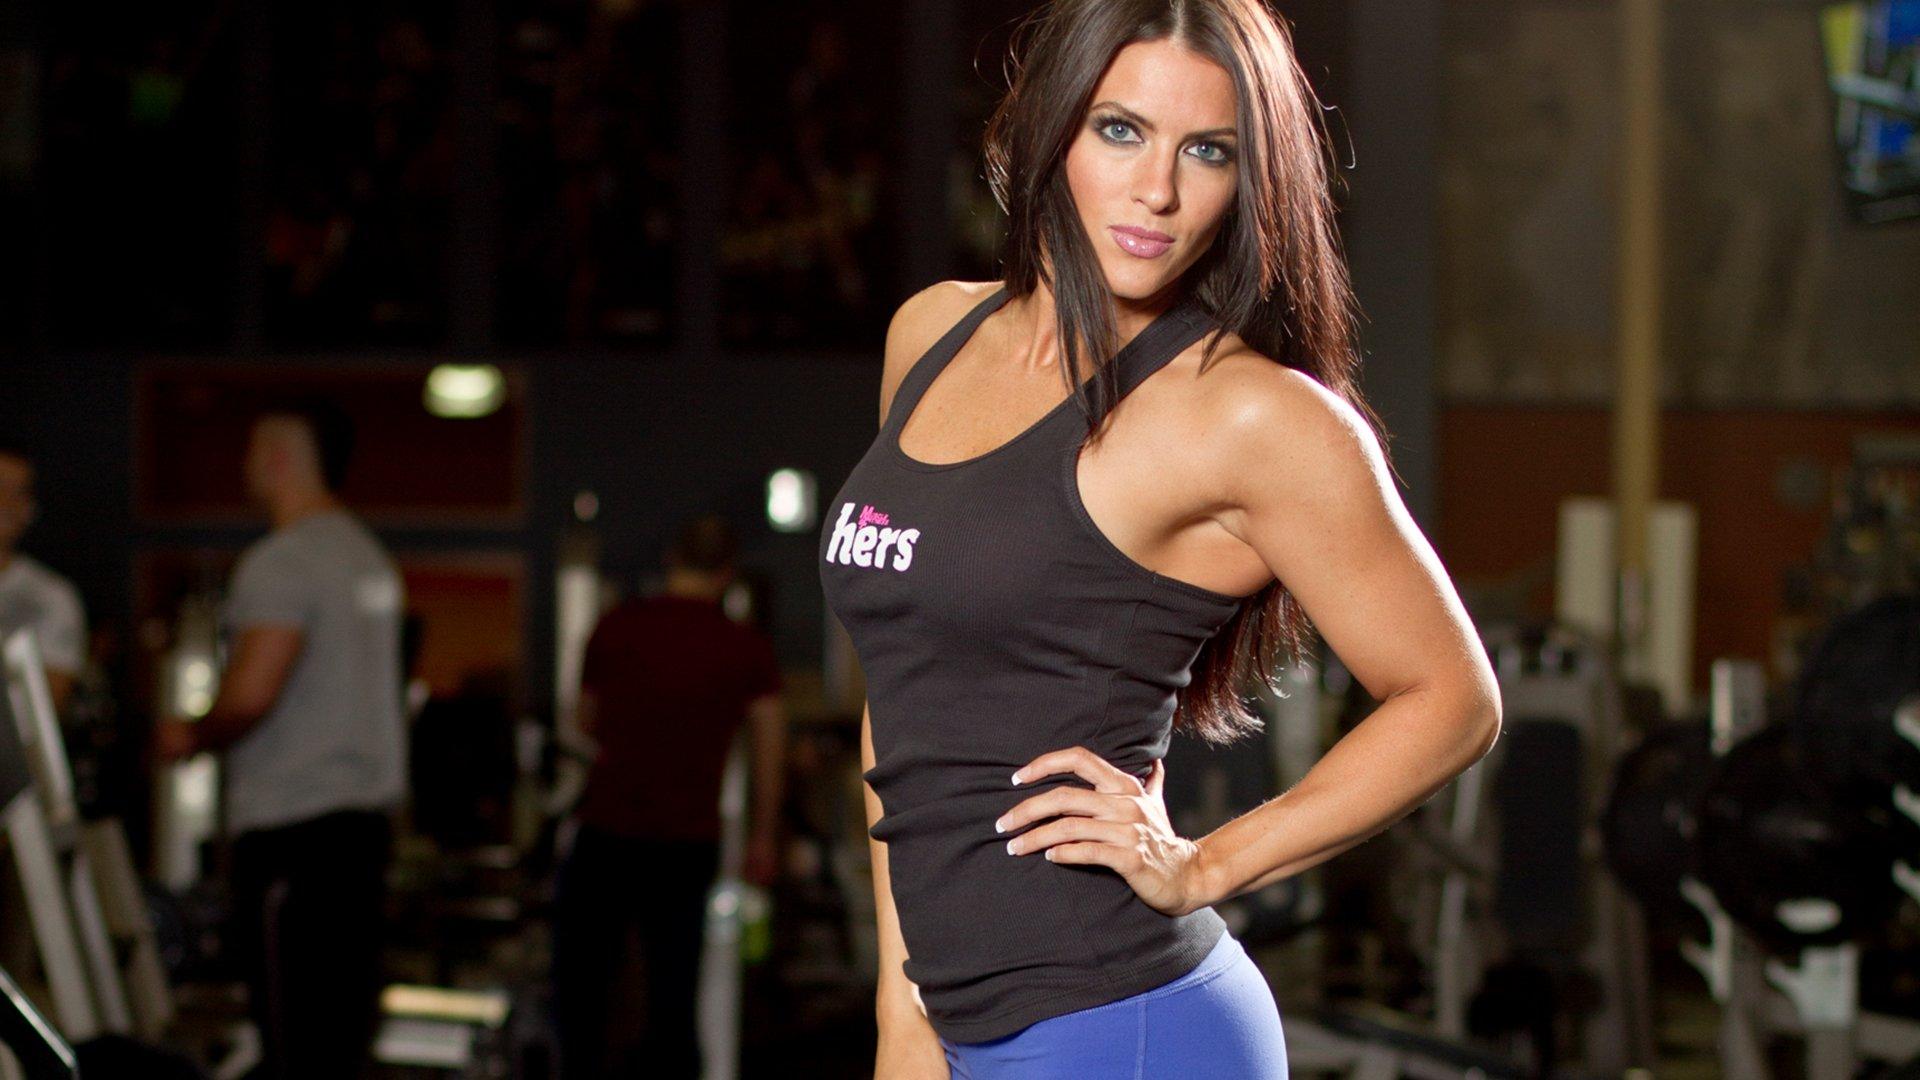 Shoulder workout amanda latona 39 s pro bikini video workout - Wallpaper fitness women ...